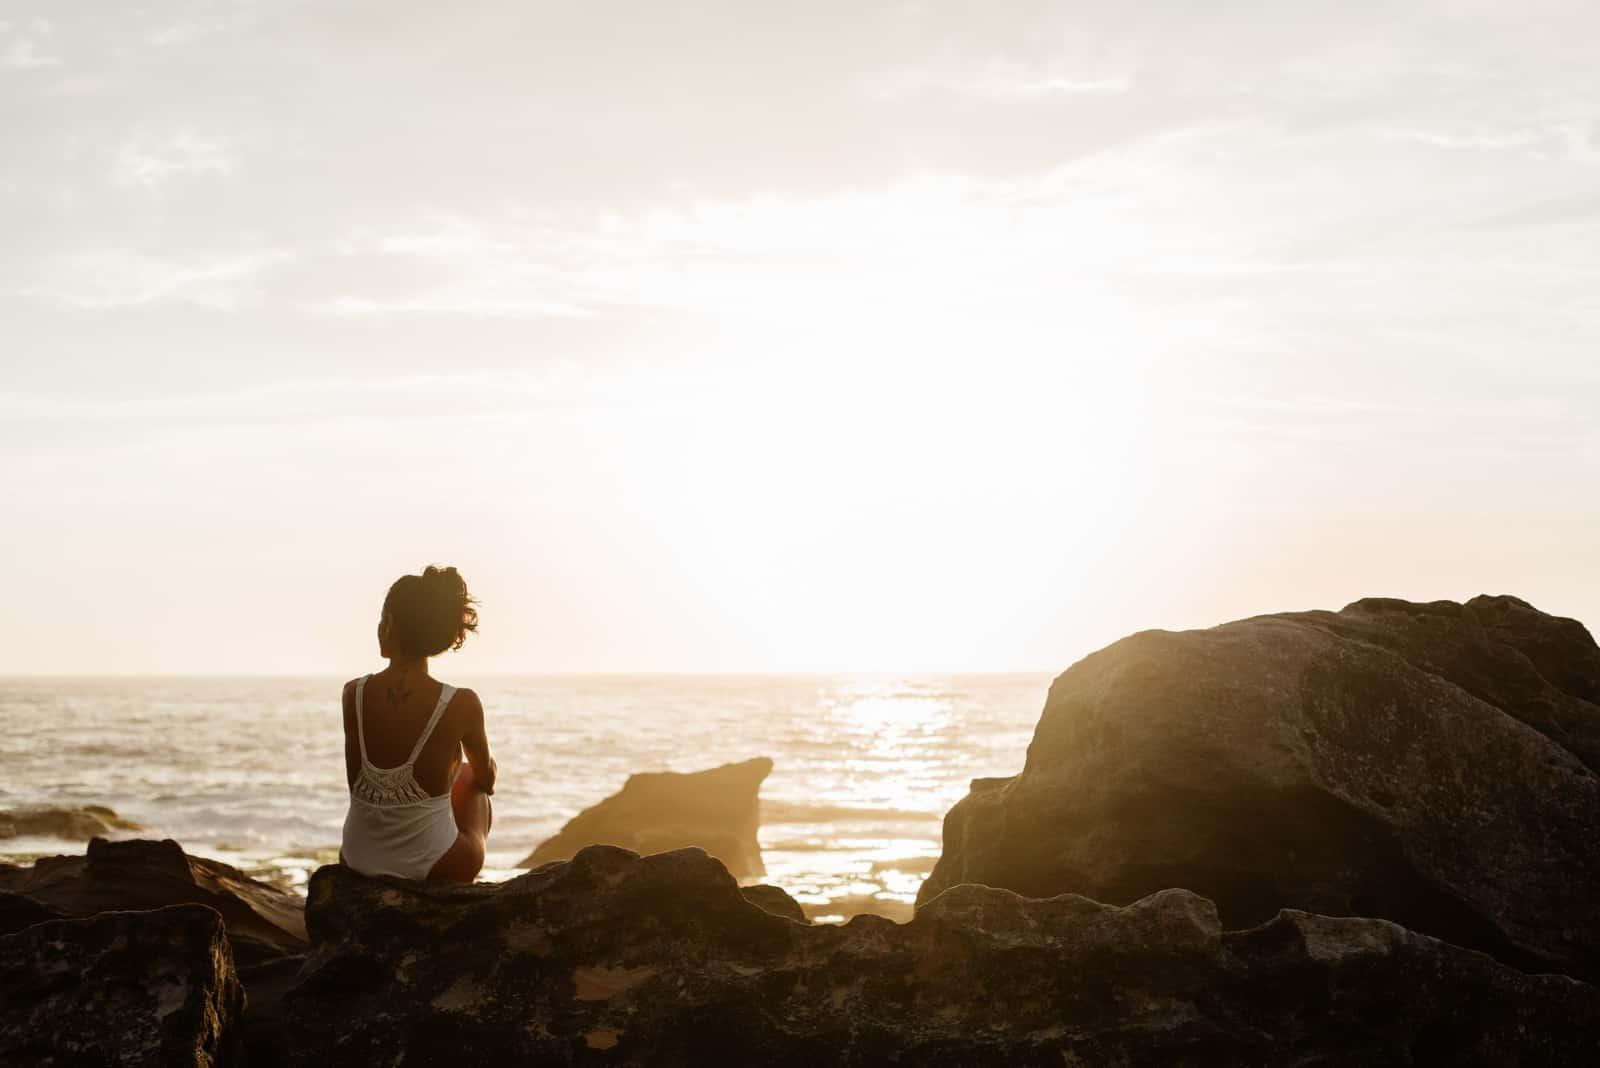 femme en maillot de bain blanc assis sur un rocher